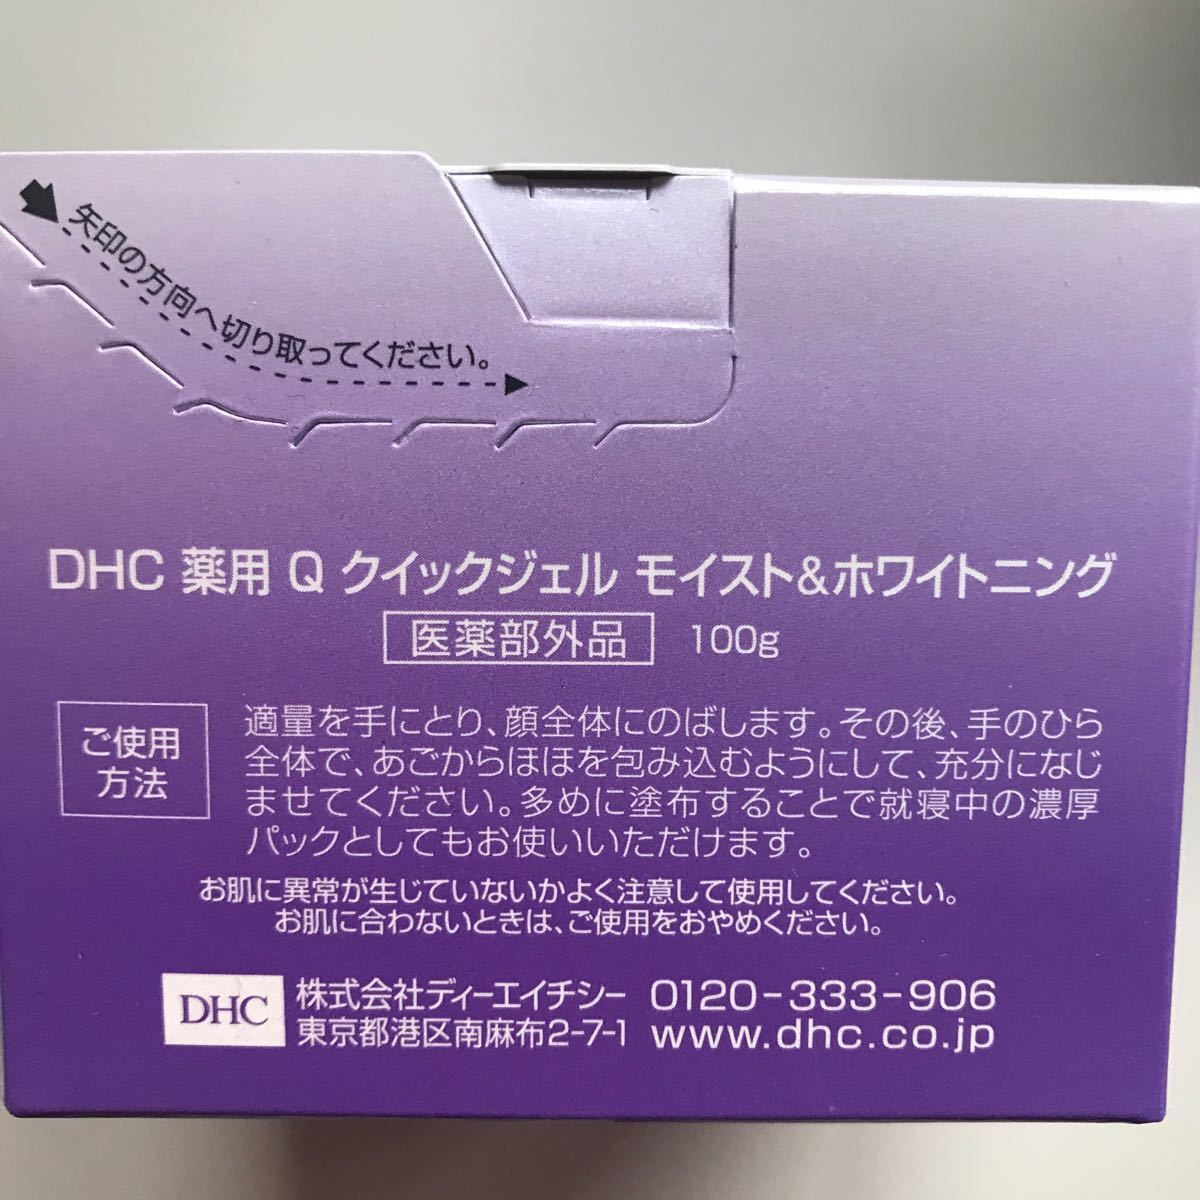 DHC薬用Qクイックジェル モイスト&ホワイトニング(L) 100g 、(SS)50g